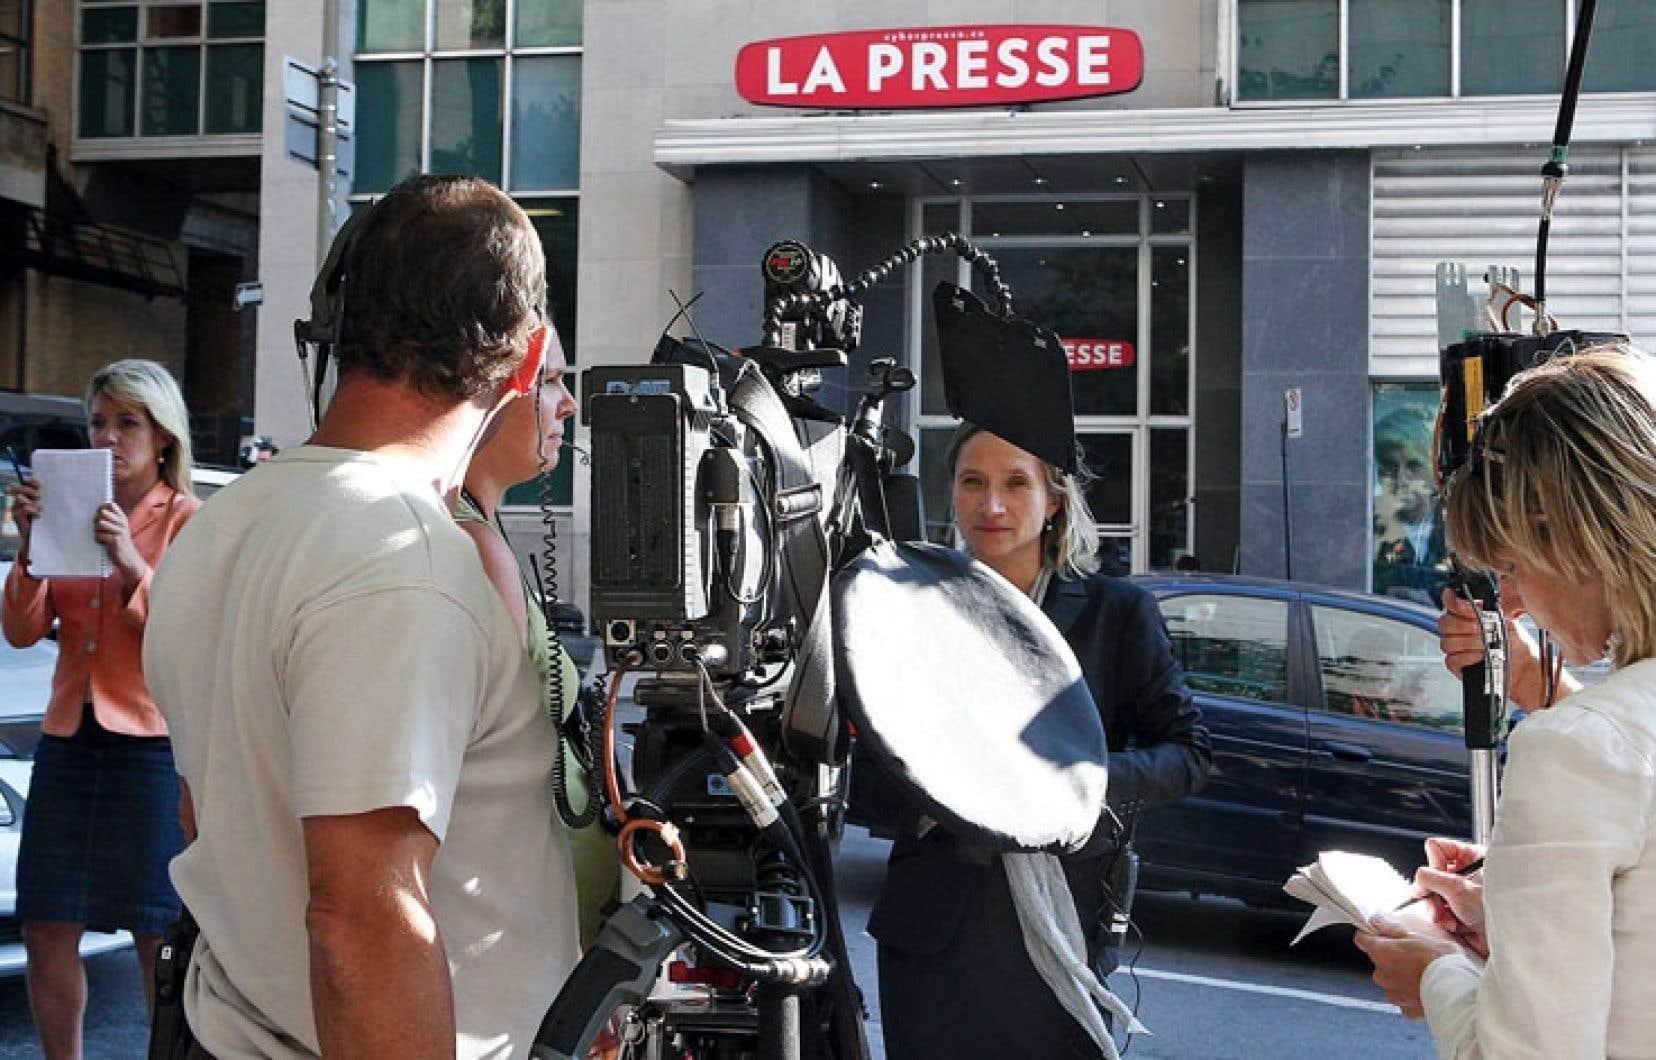 Sur la photo, des journalistes attendent un point de presse des représentants syndicaux lors des négociations de la convention collective de 2009, durant lesquelles le quotidien avait menacé de suspendre la publication.